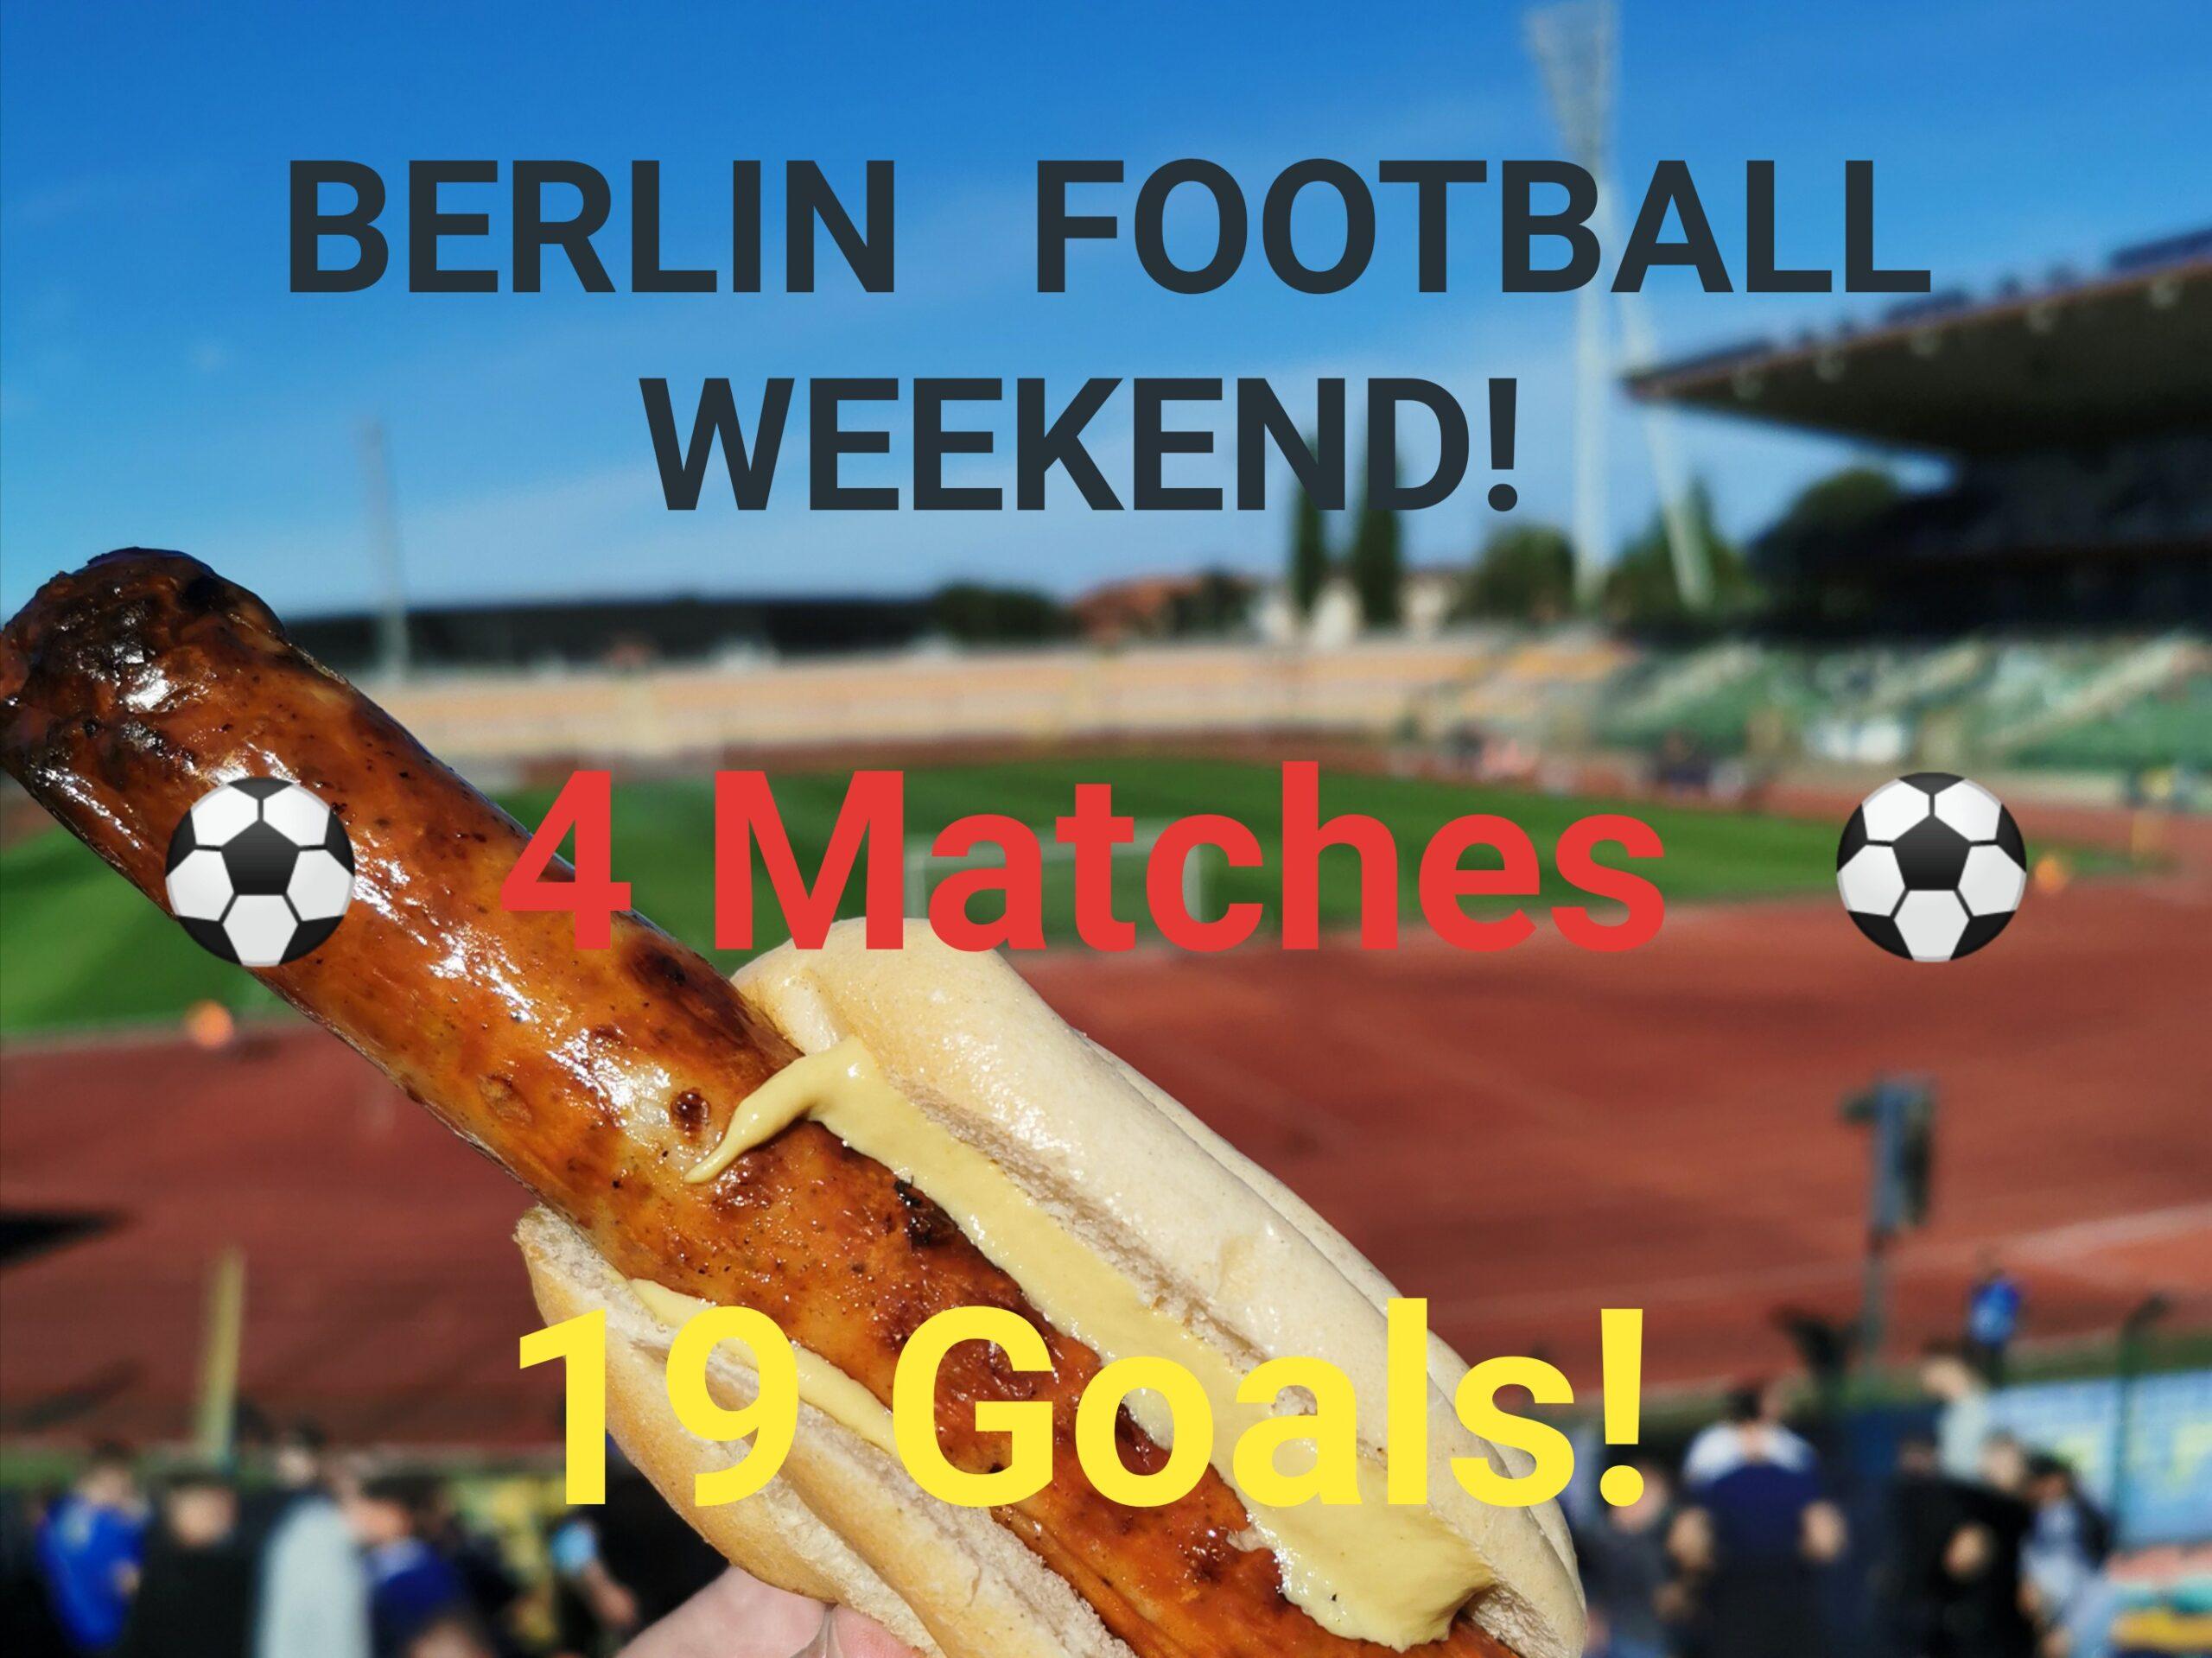 Berlin Football Weekend